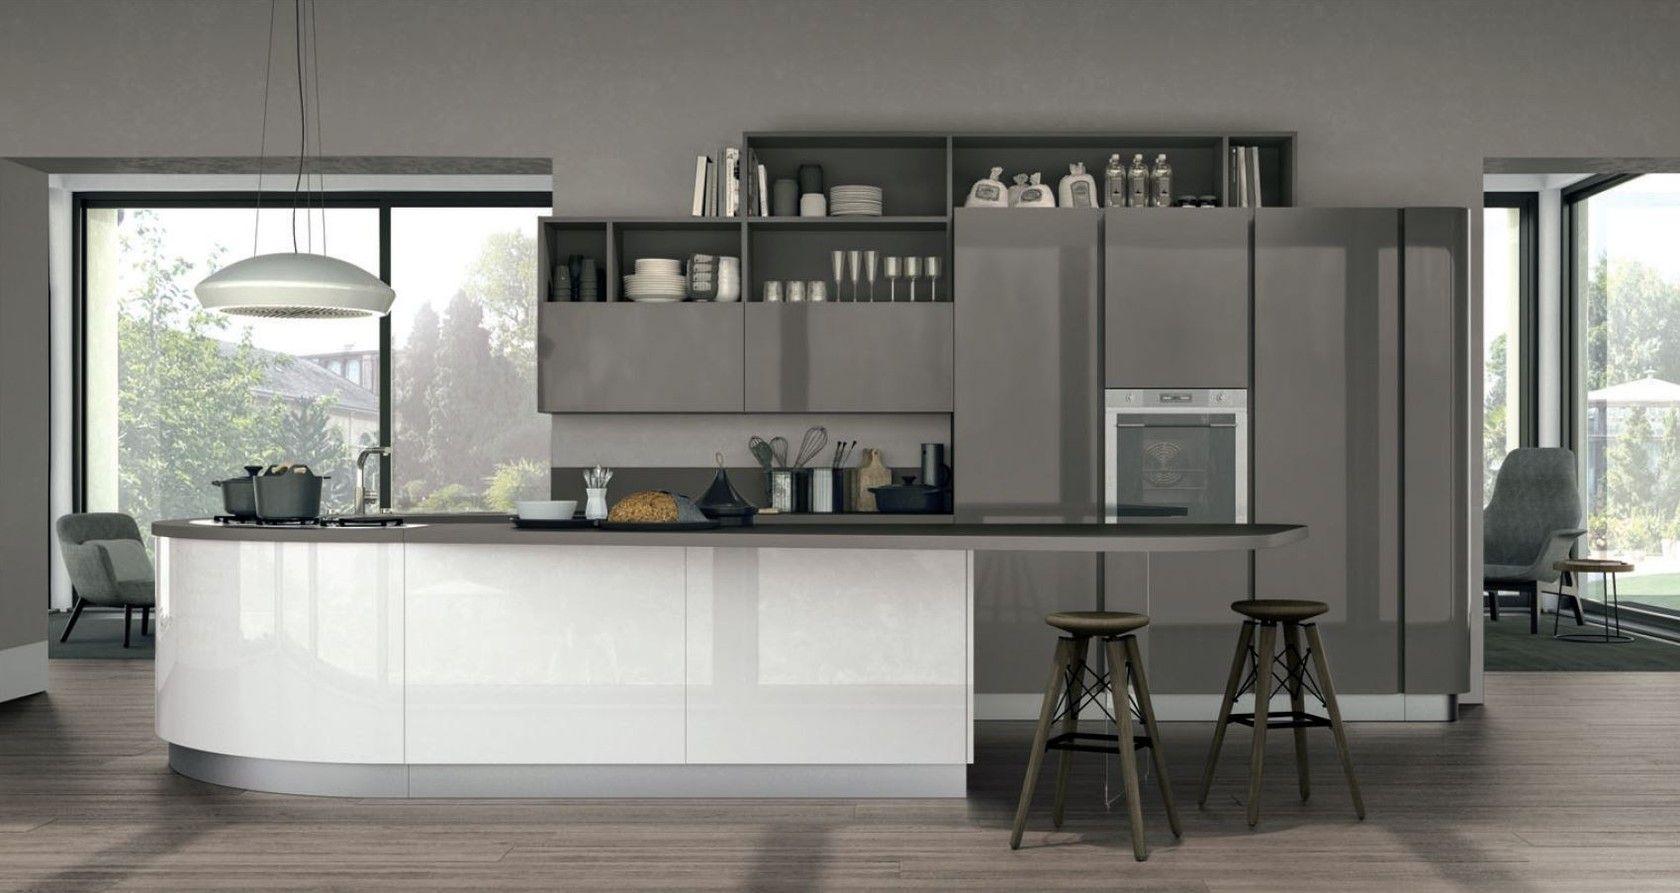 Clover 01 By Cucine Lube Design Studio Ferriani Peninsula Kitchen Design Kitchen Design Modern Kitchen